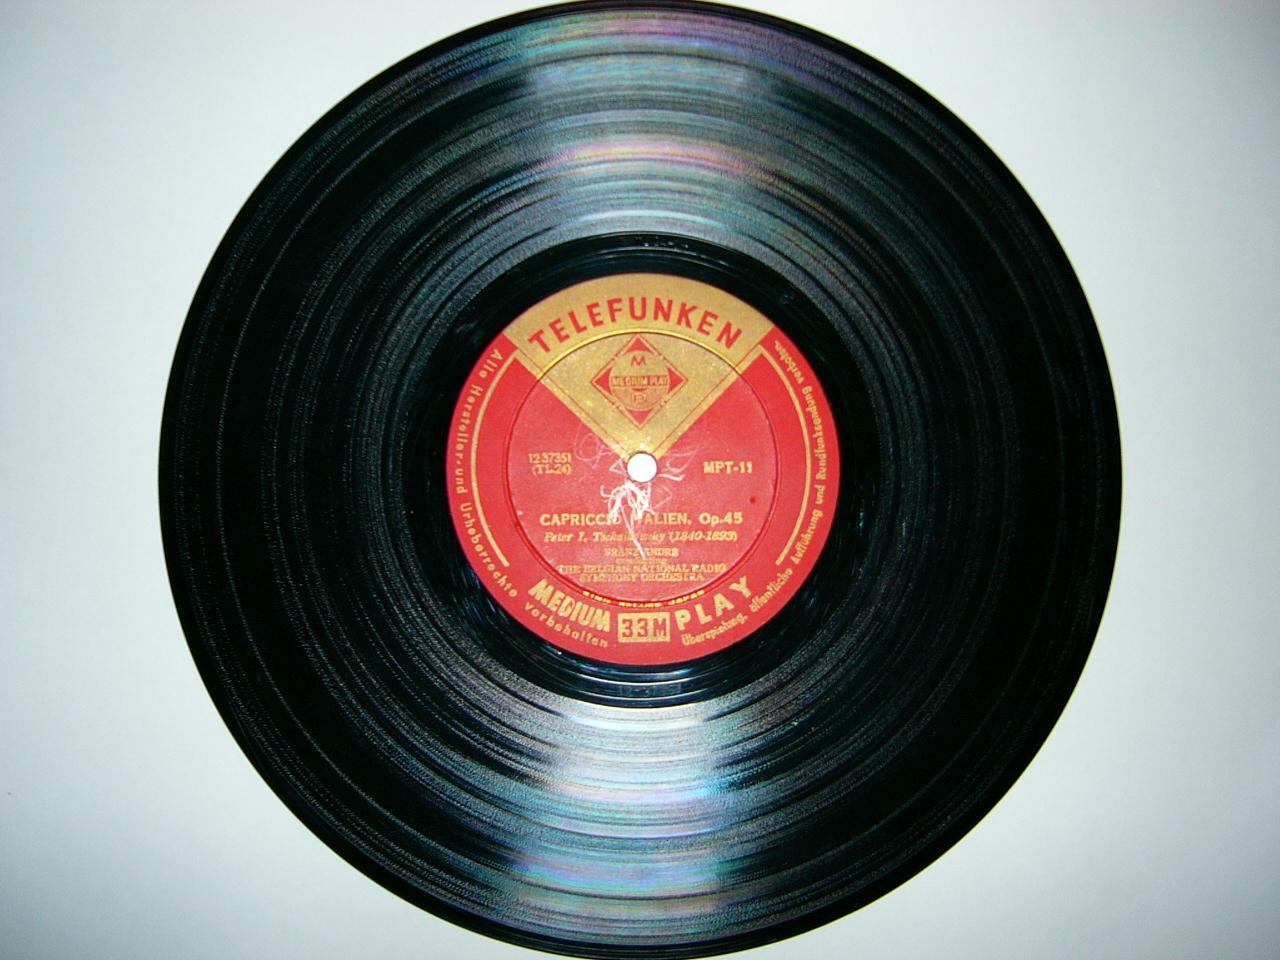 Archivo Vinyl Record Lp 10inch Jpg Wikipedia La